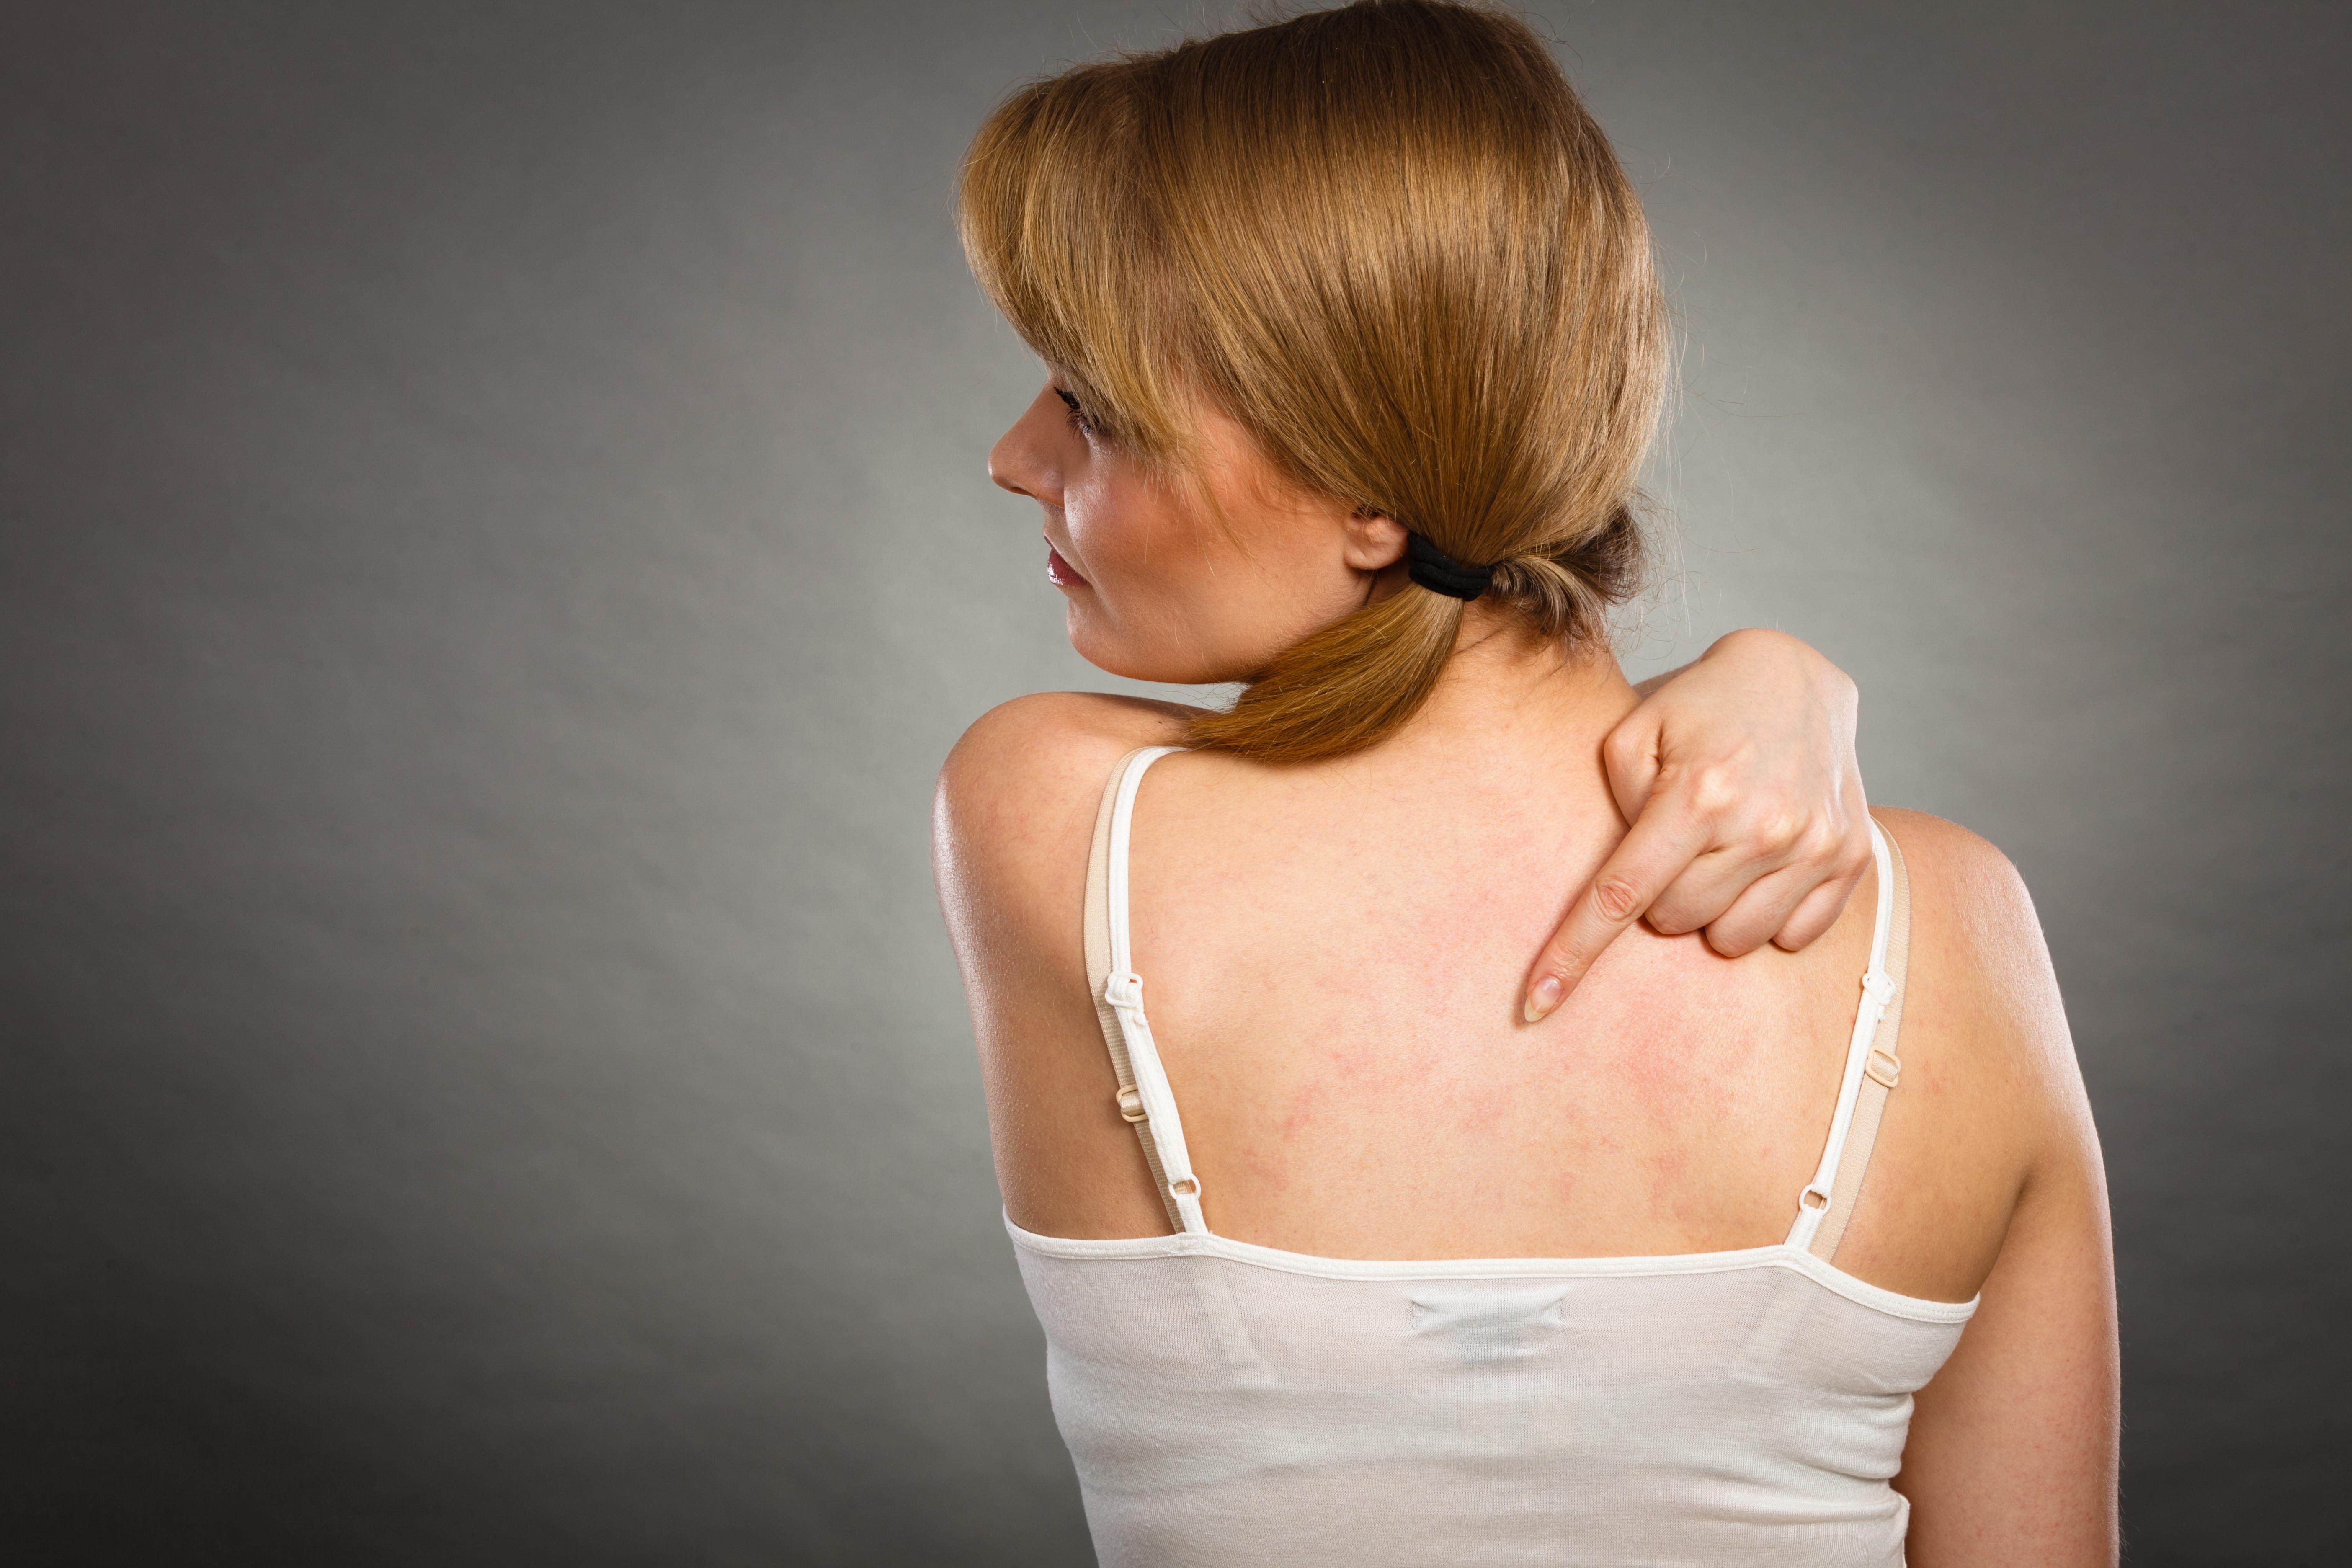 hatalmas vörös foltok a bőrön vörös foltok jelentek meg a hátán, a tubercles viszket fáj